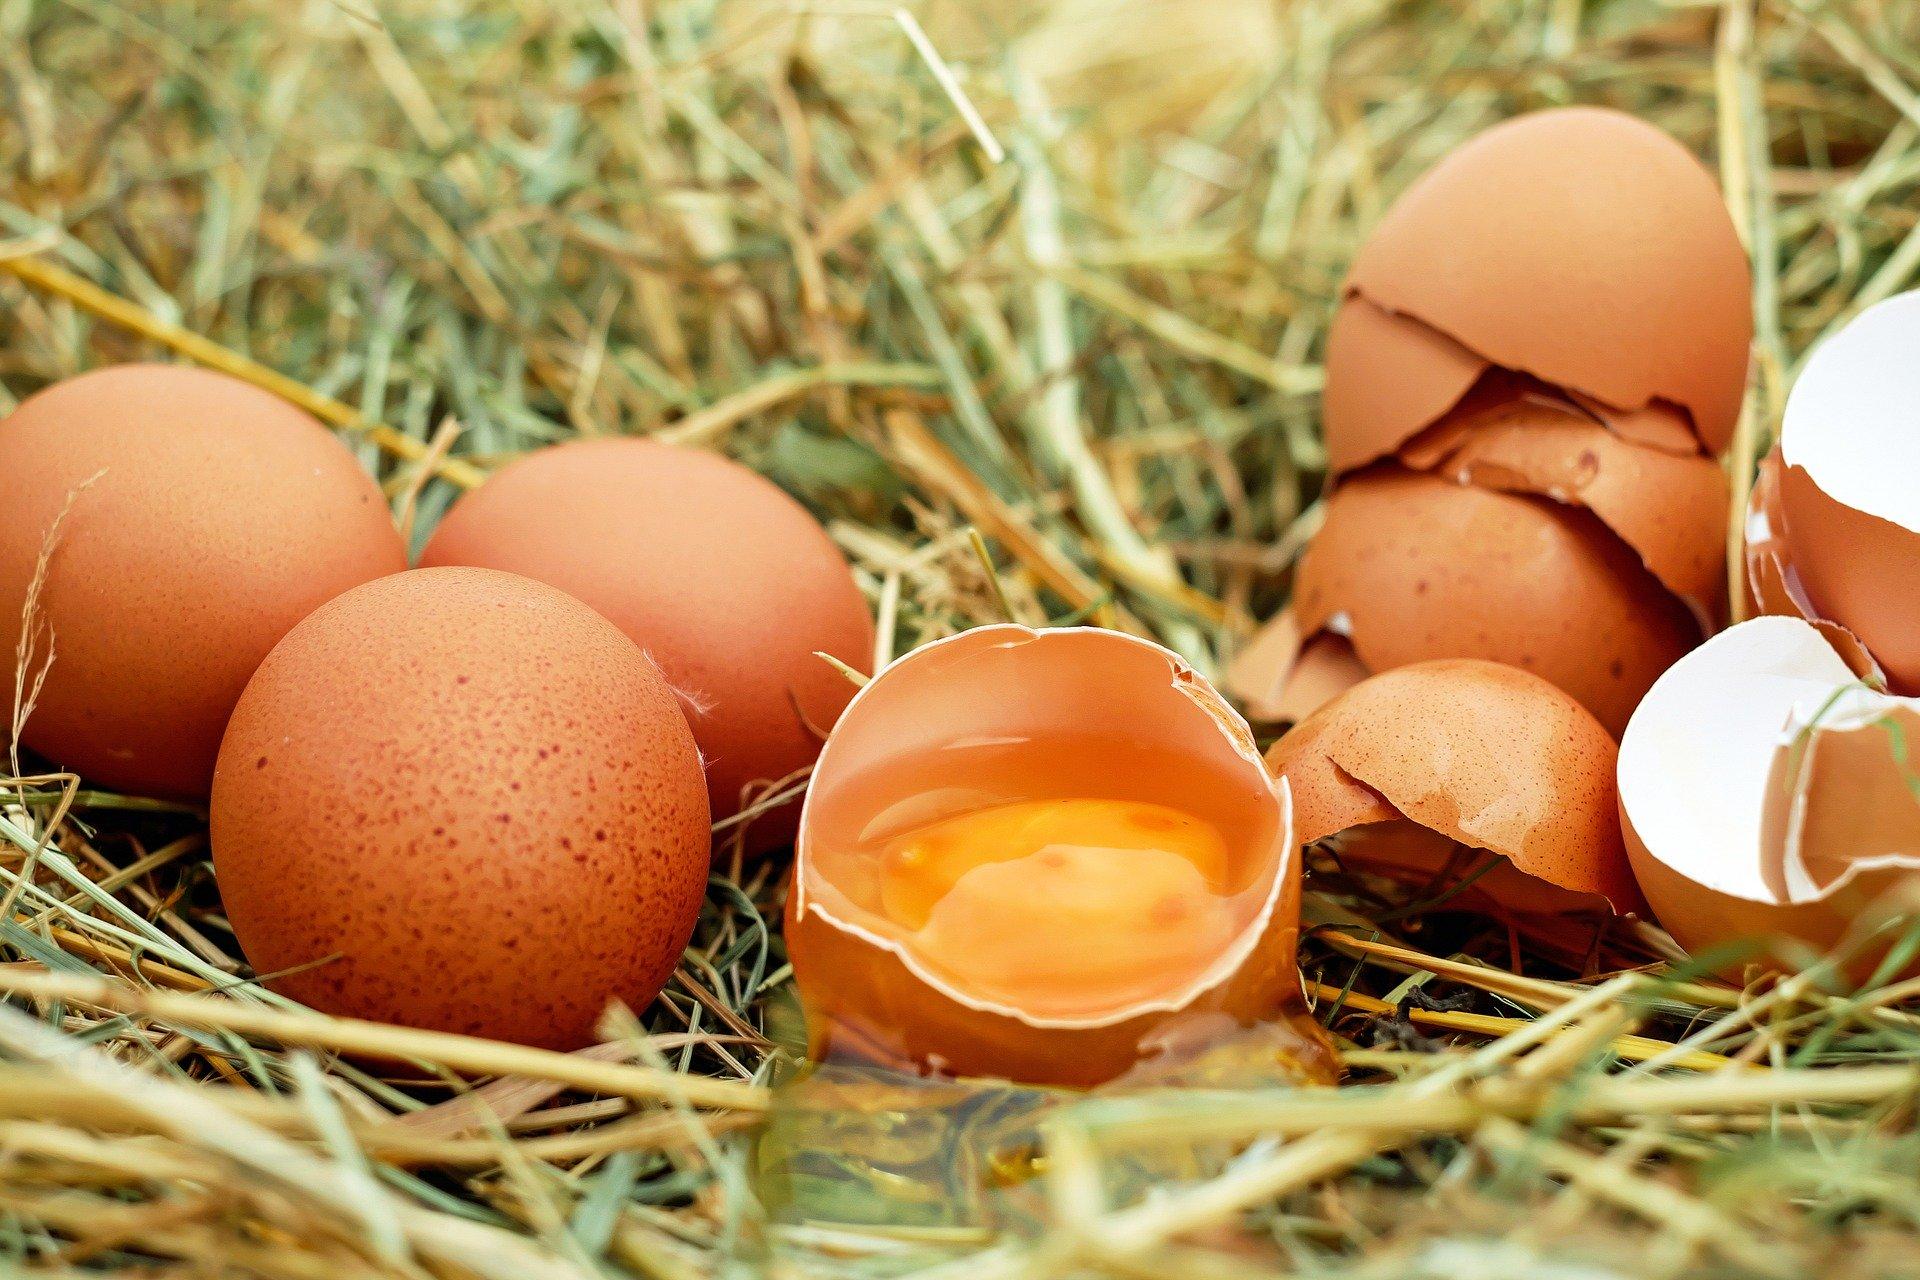 POSLJEDICE MOGU BITI POŽELJNE, ALI I POGUBNE: Stručnjaci objašnjavaju što će se dogoditi s vašim tijelom ako pojedete sirovo jaje